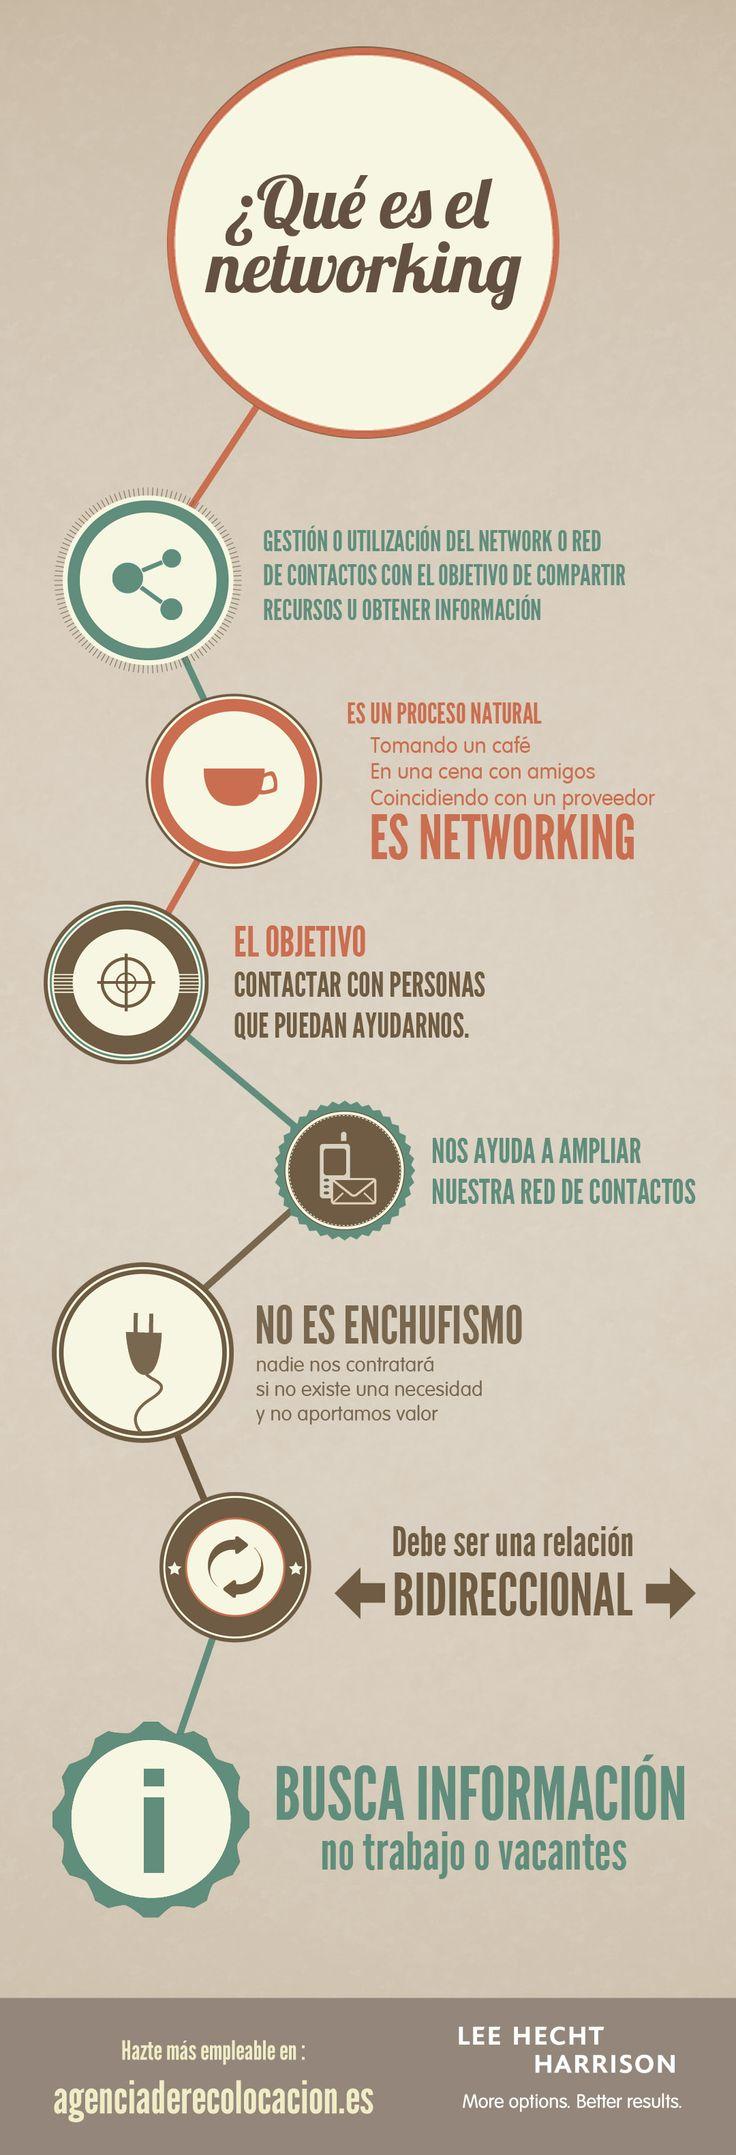 Qué es el networking #infografia #infographic #marketing